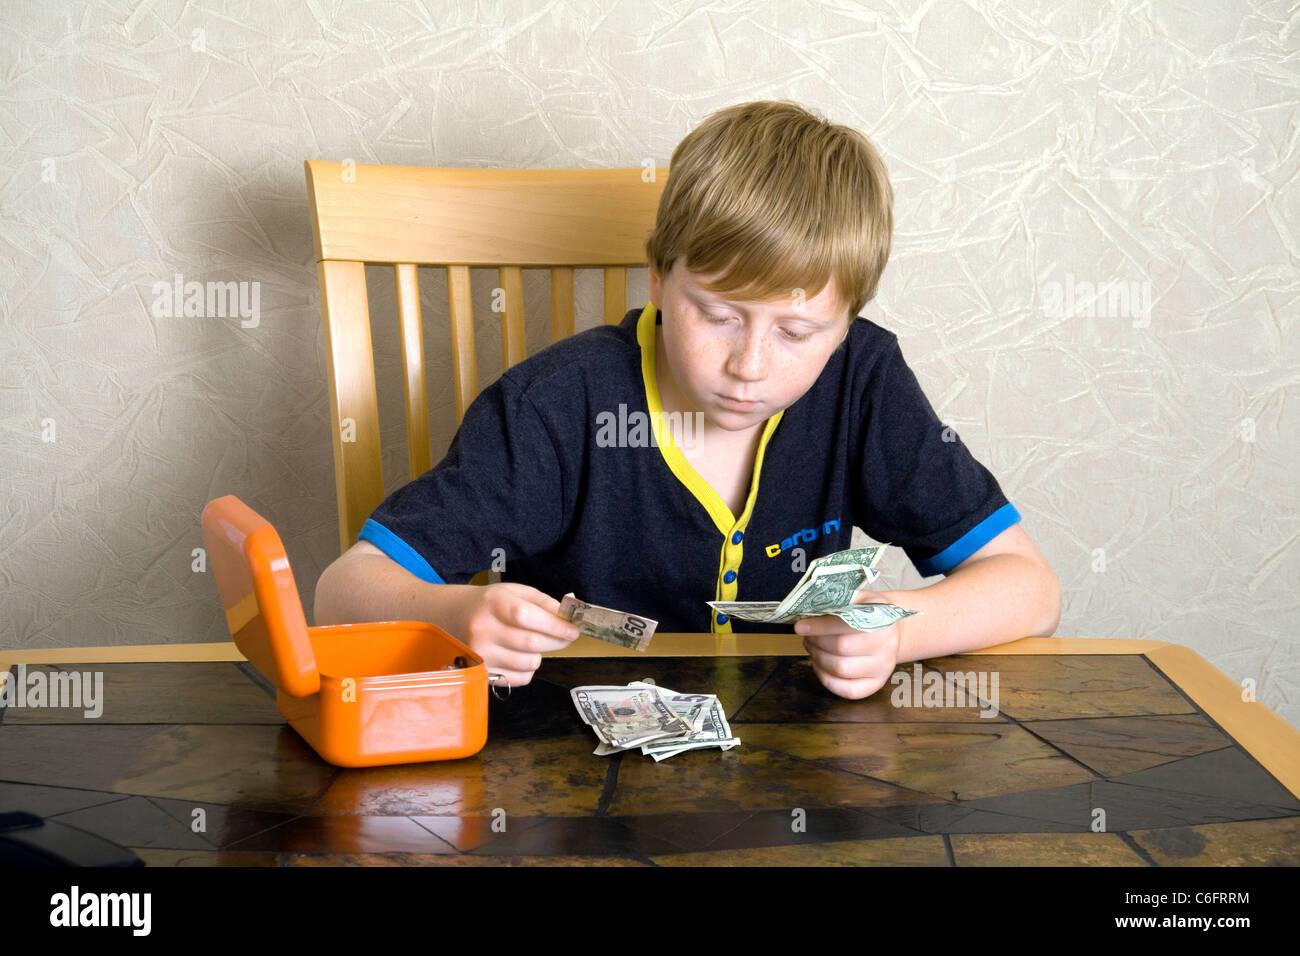 Un muchacho de 12 años contando Dólares americanos Imagen De Stock